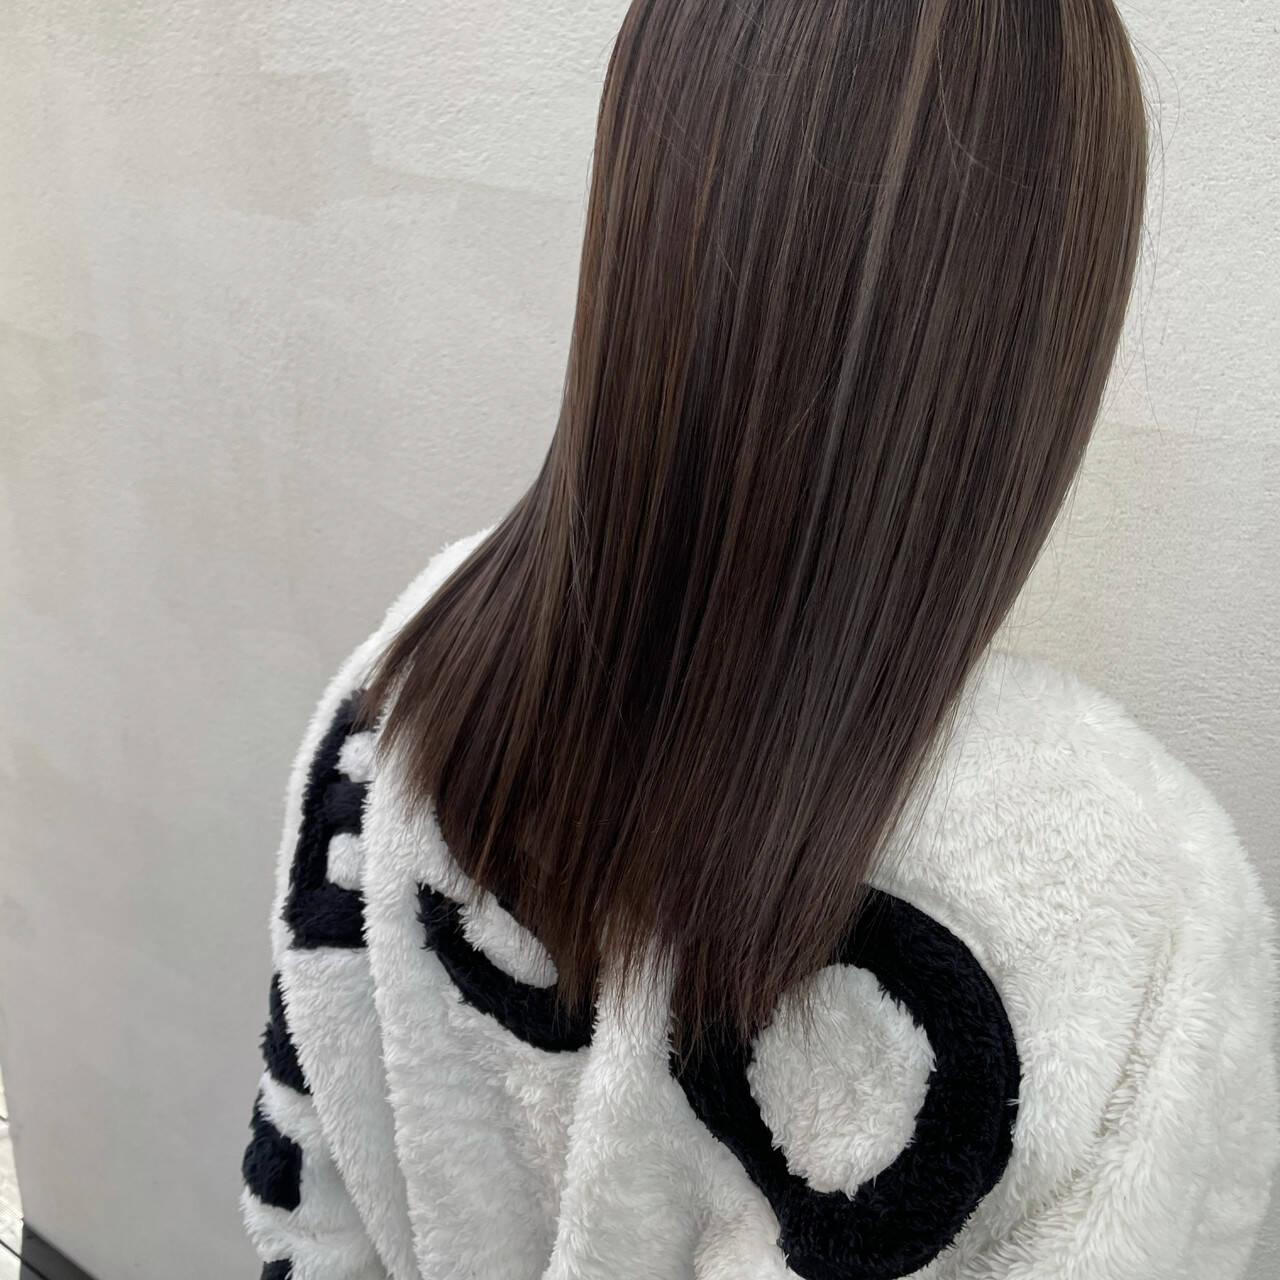 ナチュラル セミロング ナチュラルベージュ 圧倒的透明感ヘアスタイルや髪型の写真・画像